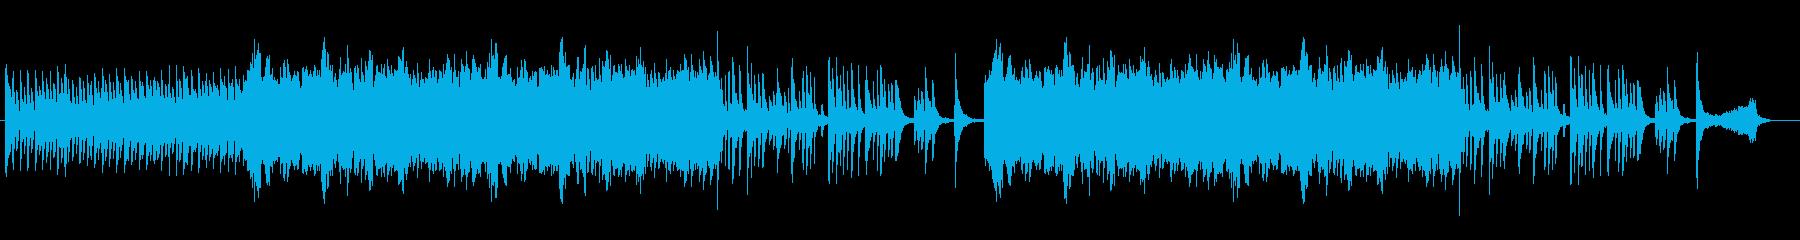 フルートの旋律が印象的な劇音楽向けの曲の再生済みの波形